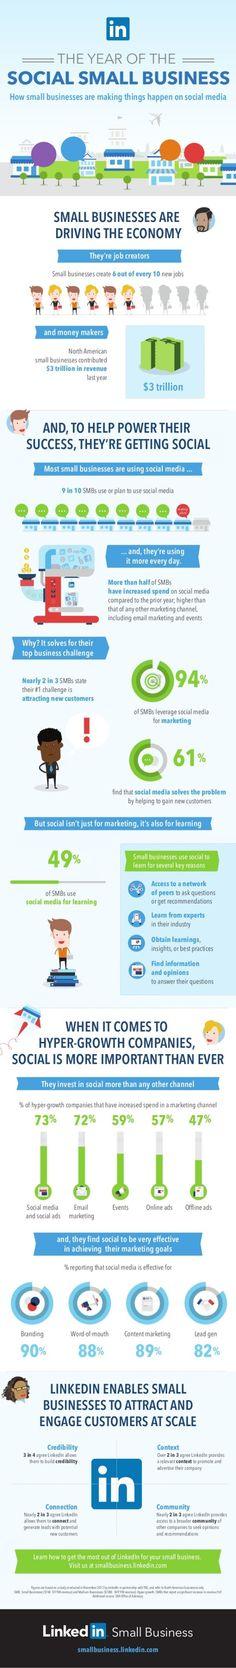 Come le PMI utilizzano i #socialmedia, infografica #LinkedIn